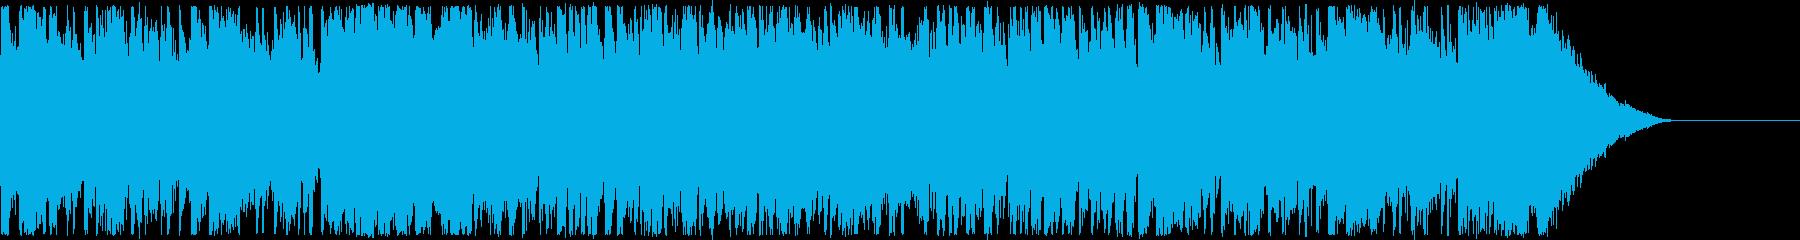 エキサイティングなCM・男性ボーカルの再生済みの波形